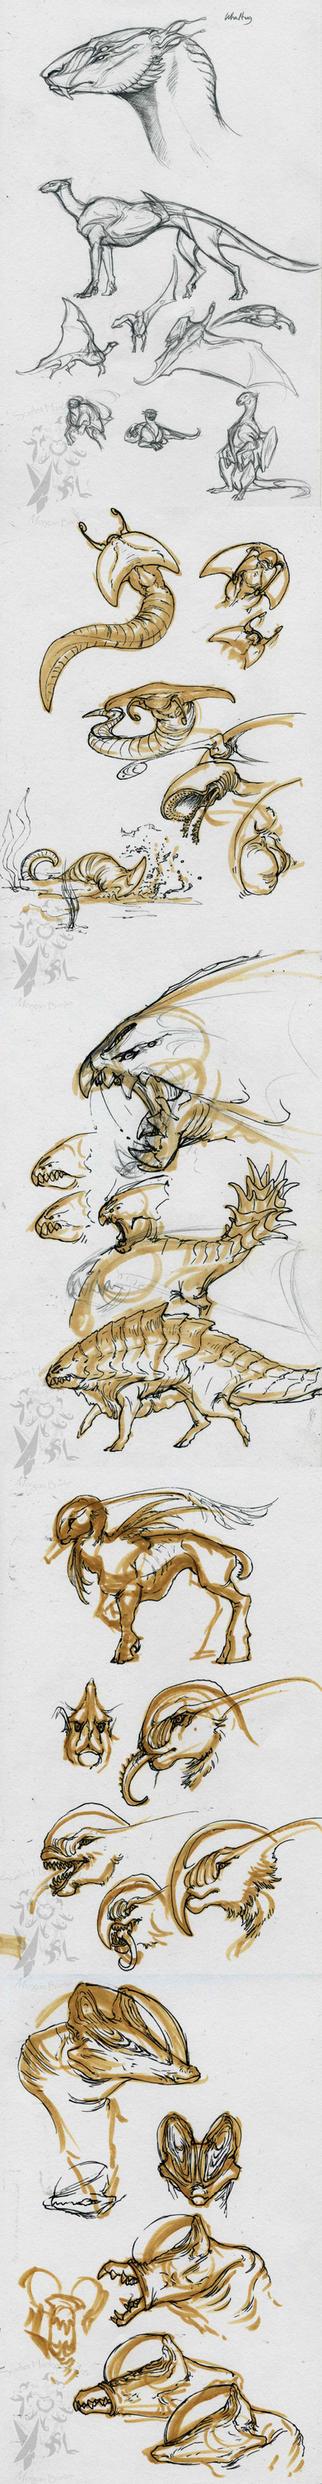 random -creatures- by Scarlet-Harlequin-N